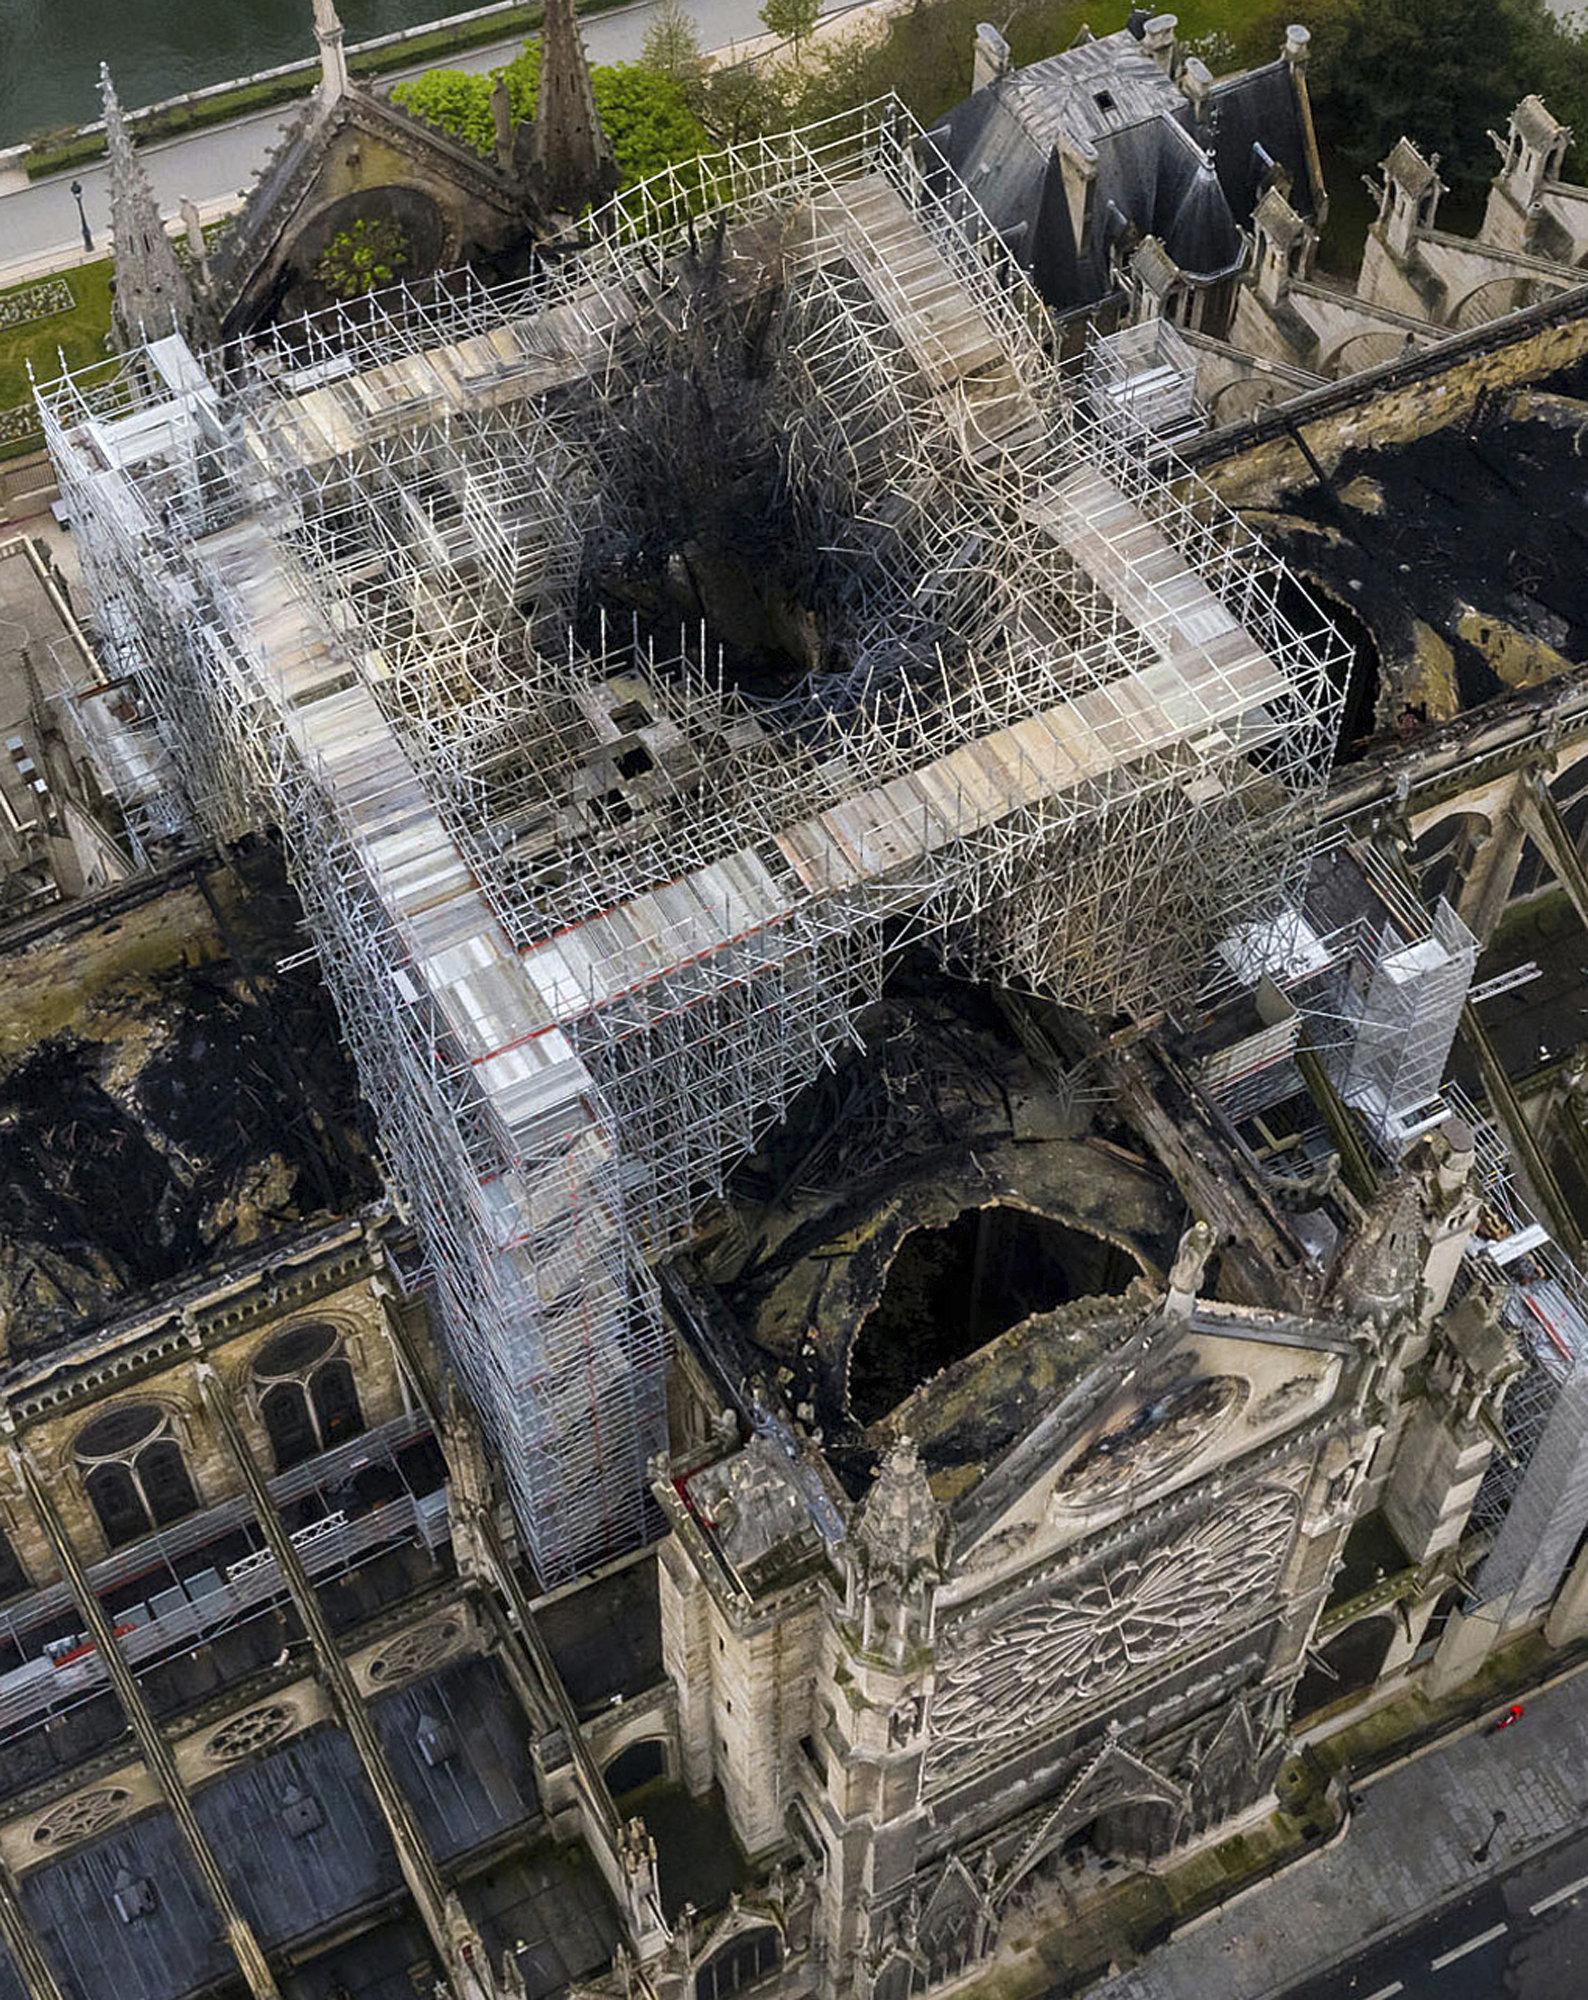 Βραχυκύκλωμα το πιο πιθανό αίτιο της φωτιάς στην Παναγία των